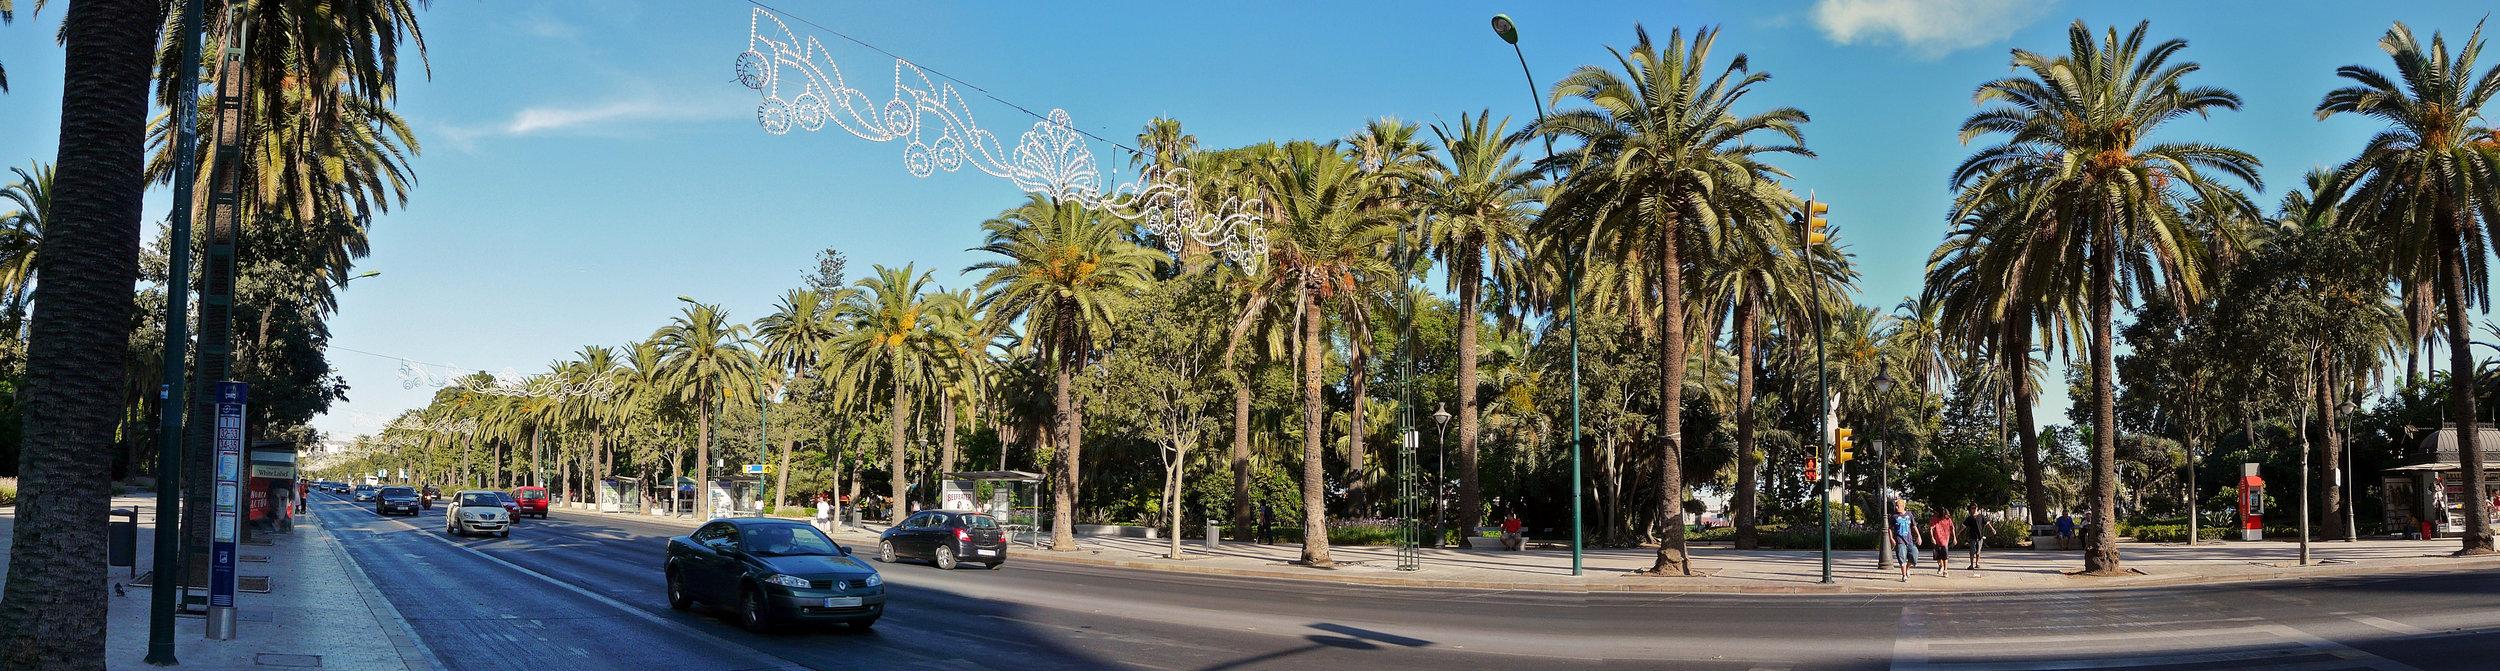 Paseo_del_Parque,_Málaga.JPG